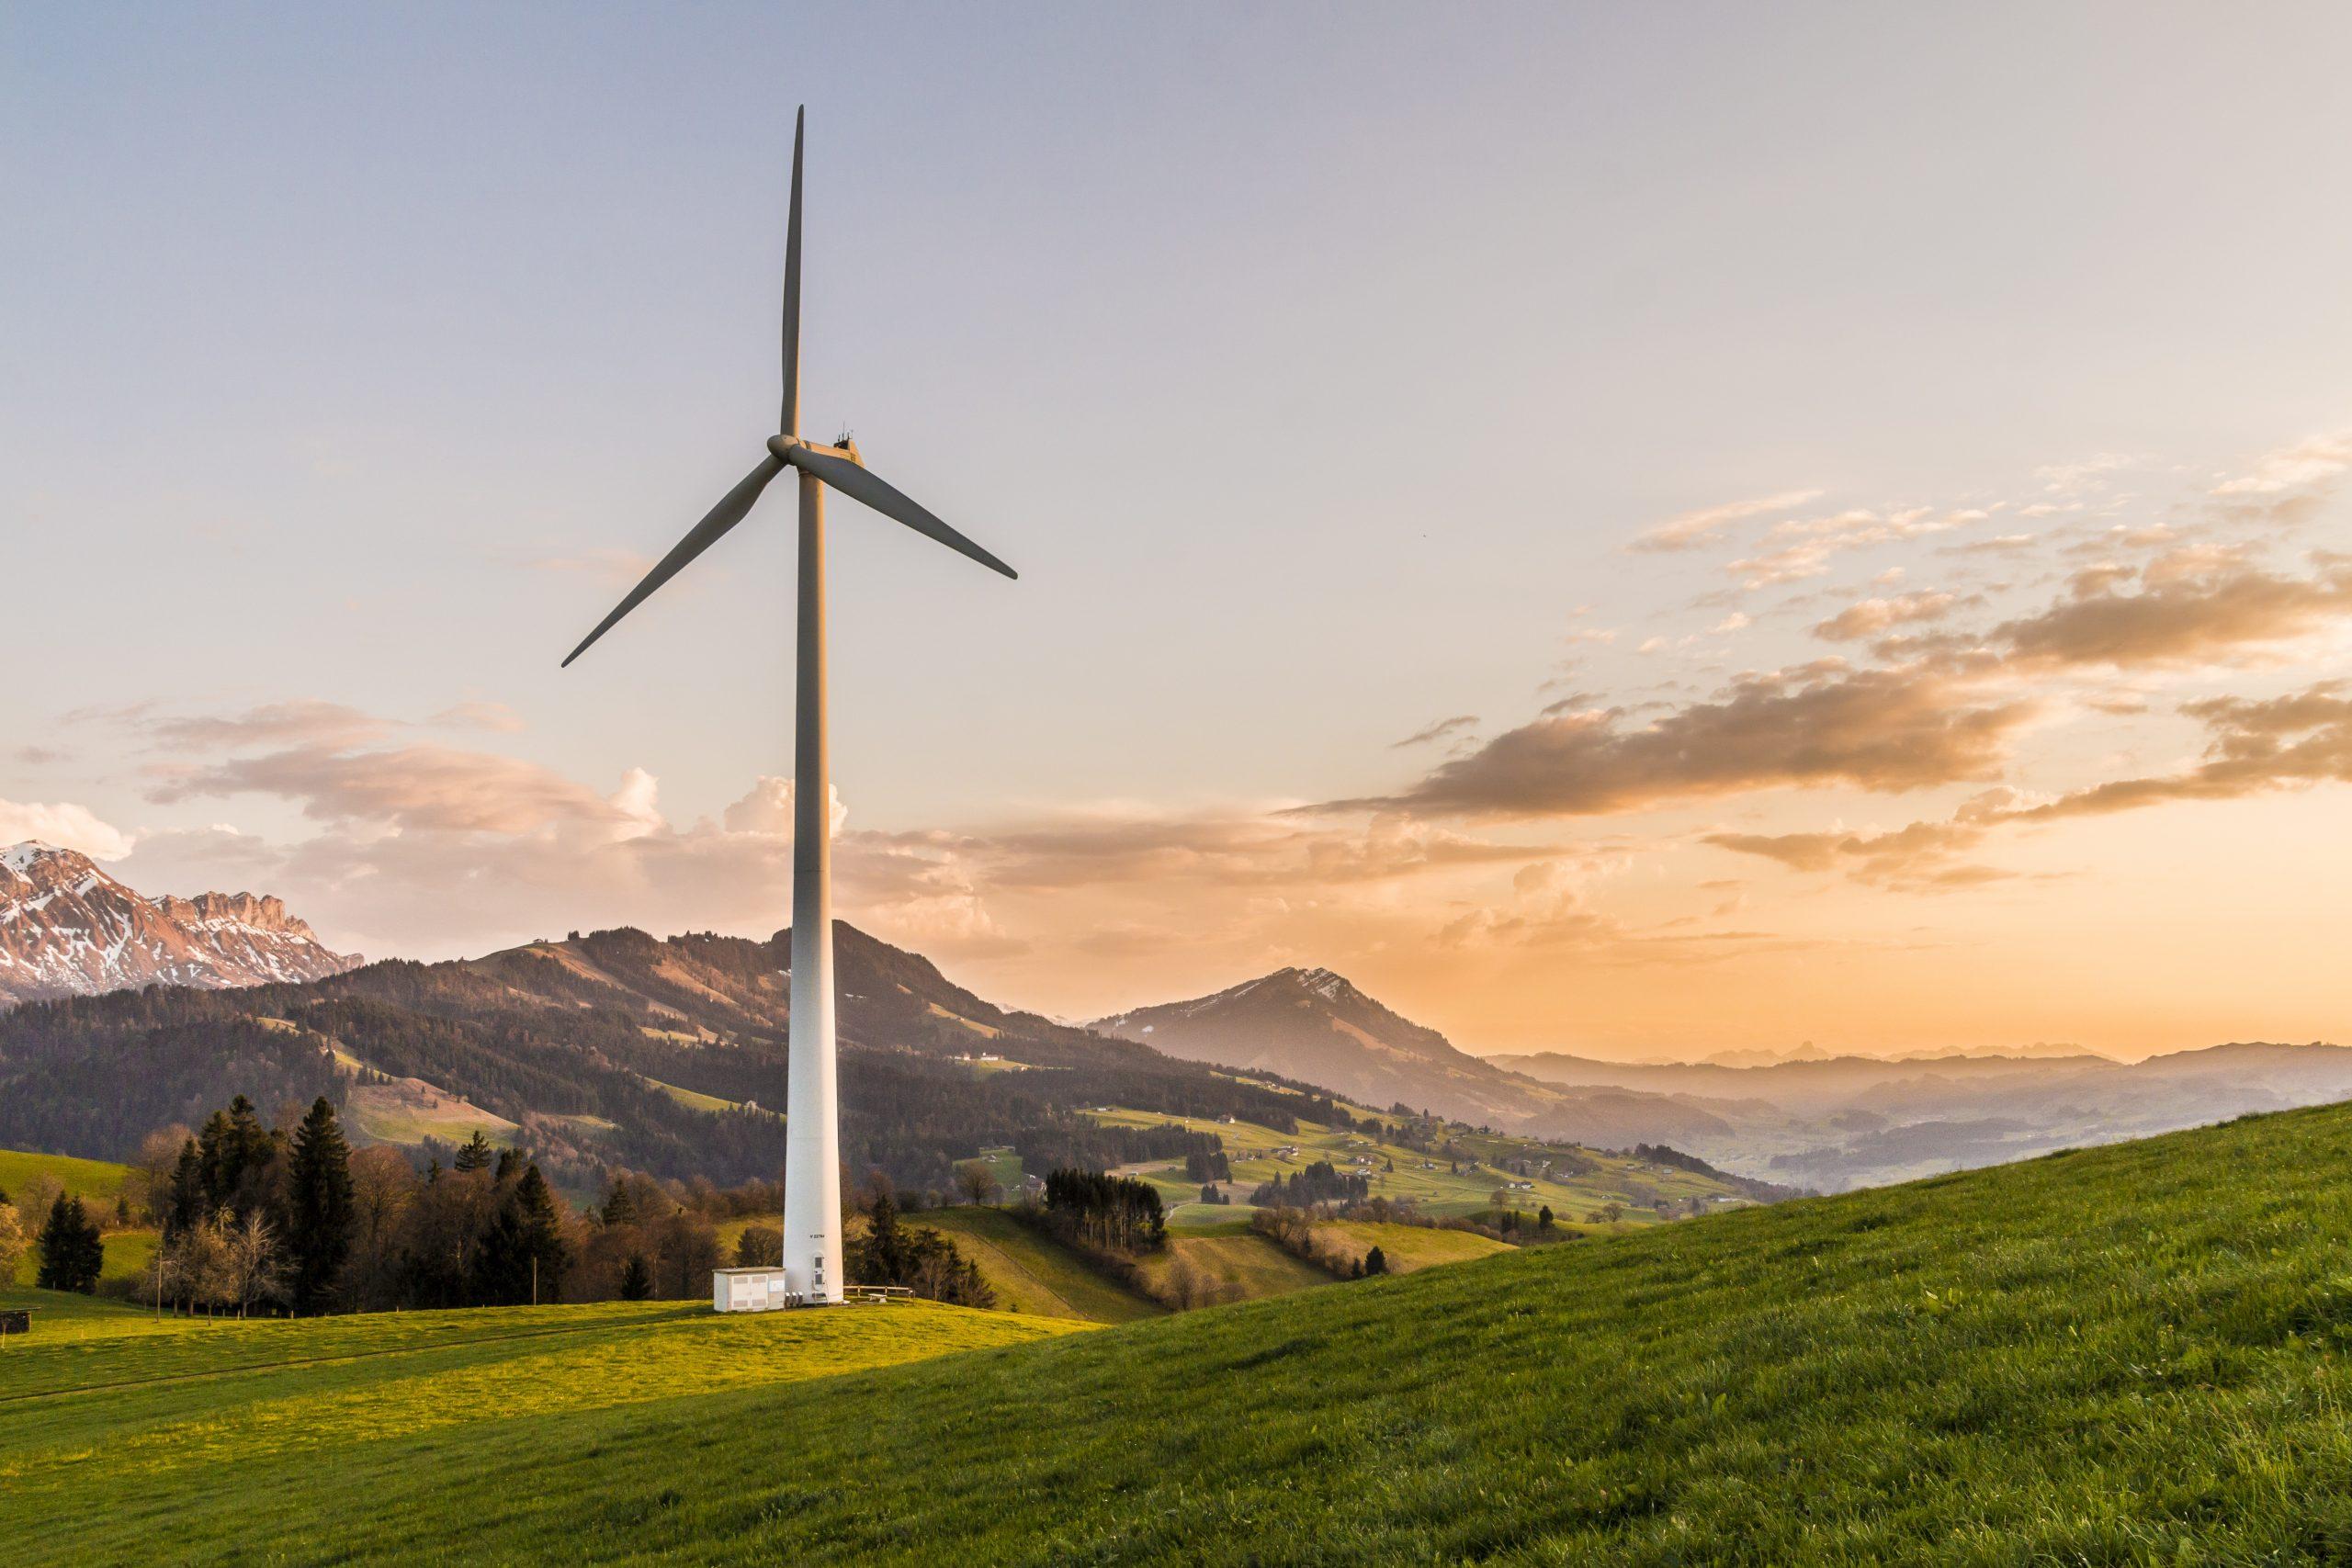 L'énergie verte a augmenté sa puissance de production et son influence sur le marché grâce au coronavirus